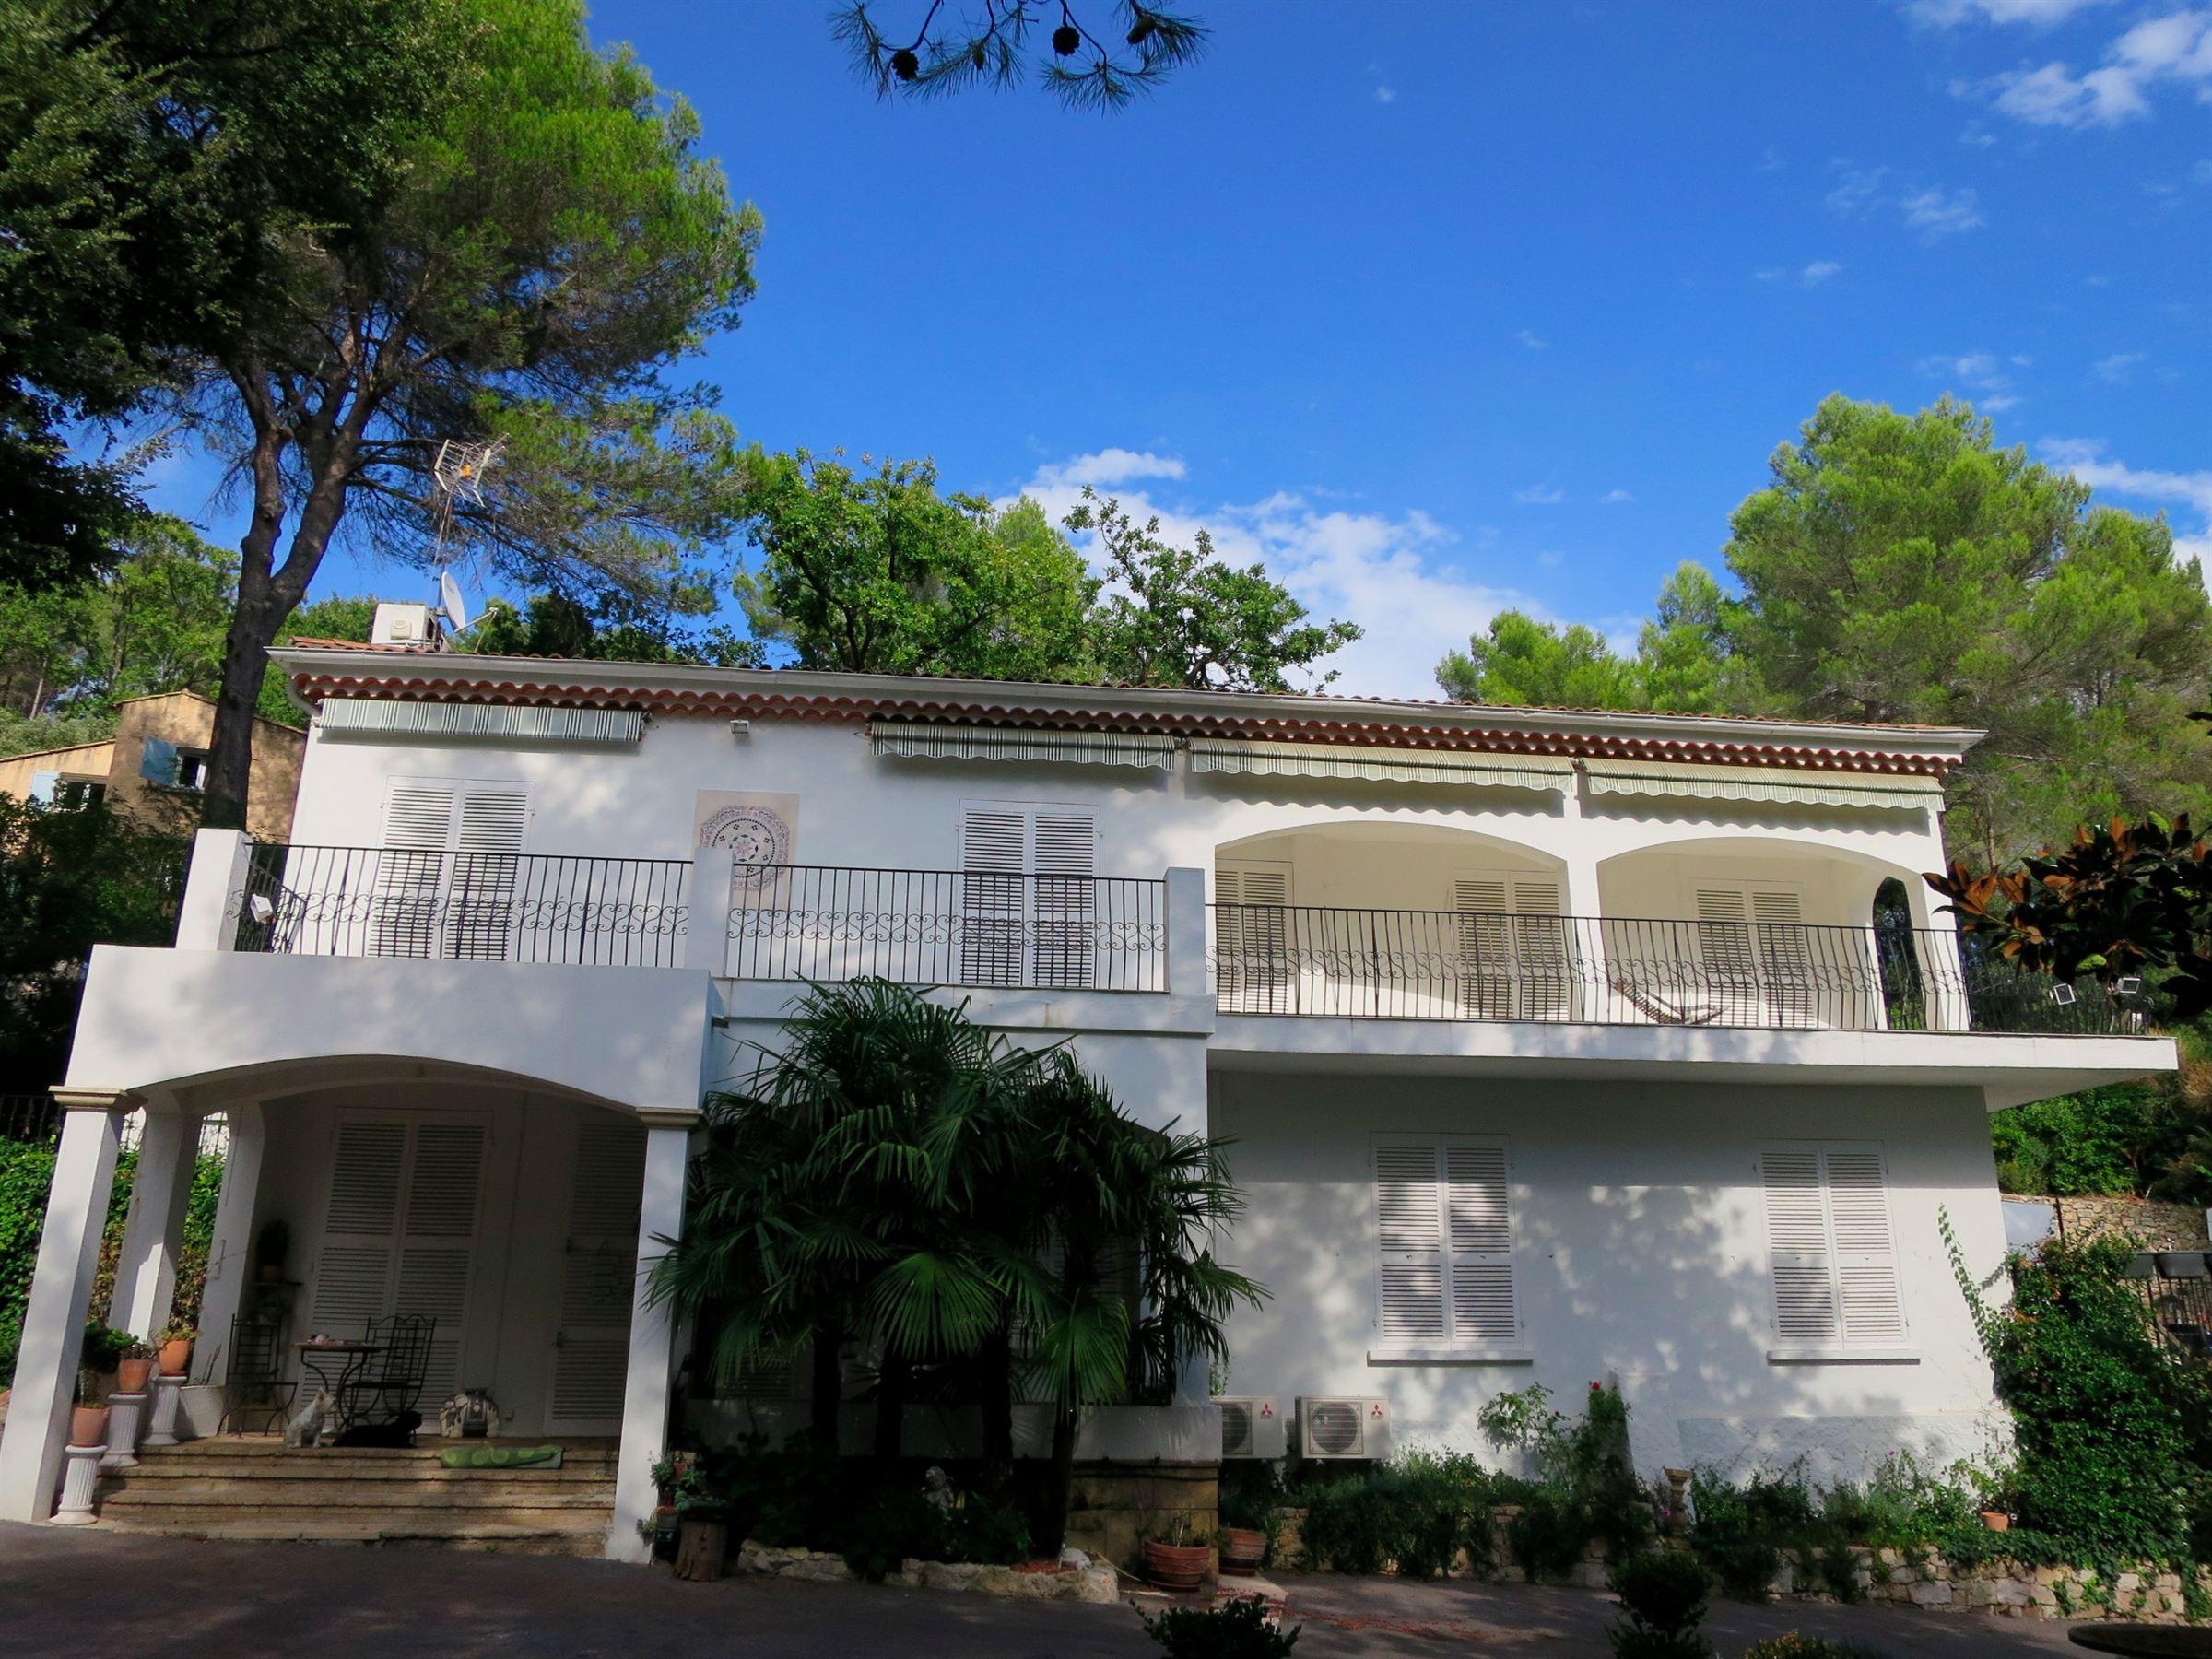 Property For Sale at Villa Californienne dans secteur prisé d'Aix en Provence